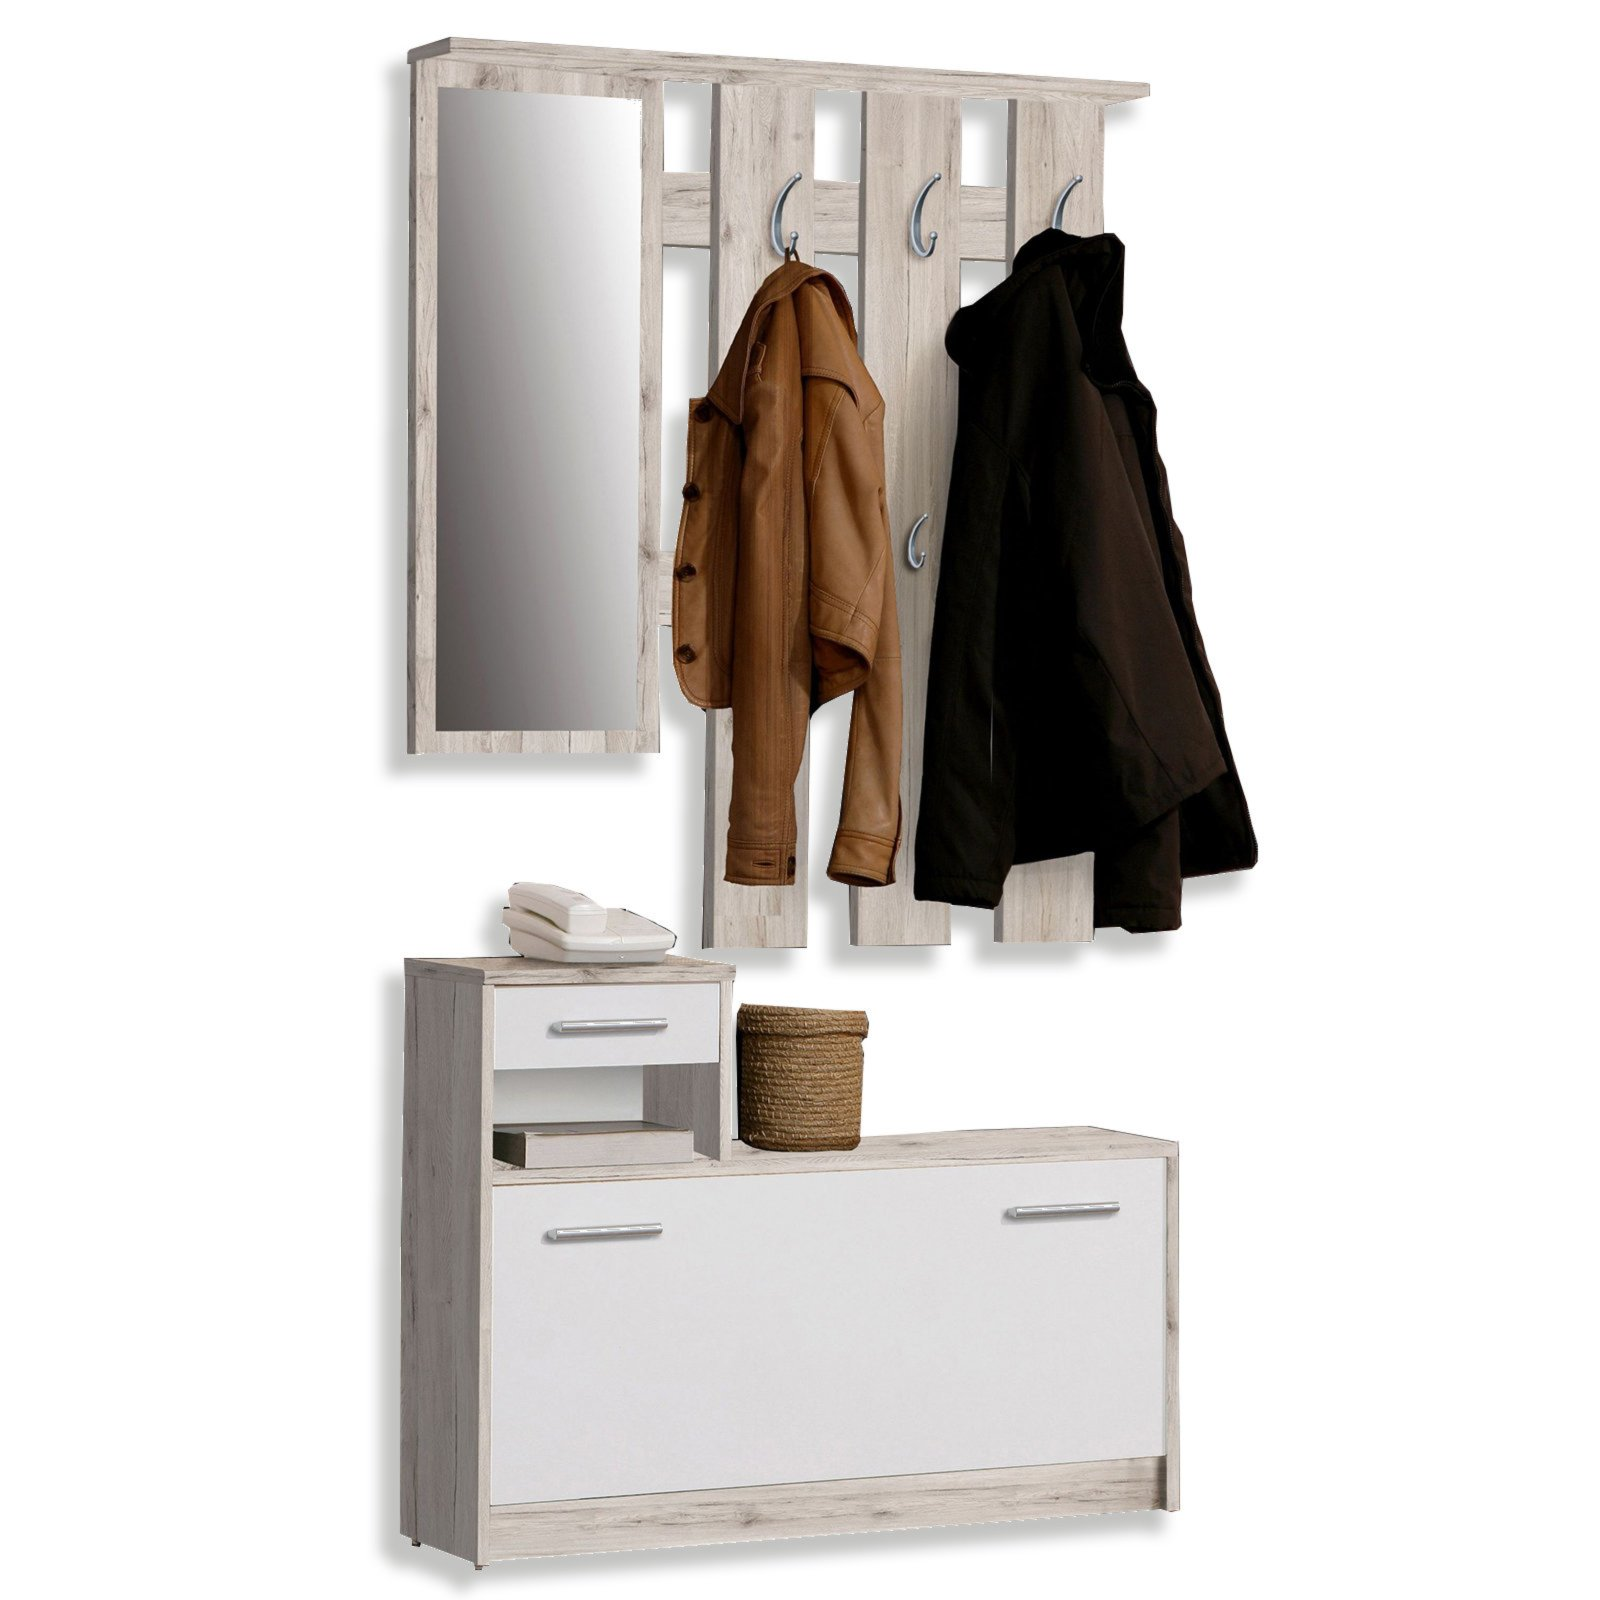 Garderobe foxi sandeiche 98 cm breite garderoben for Garderobe breite